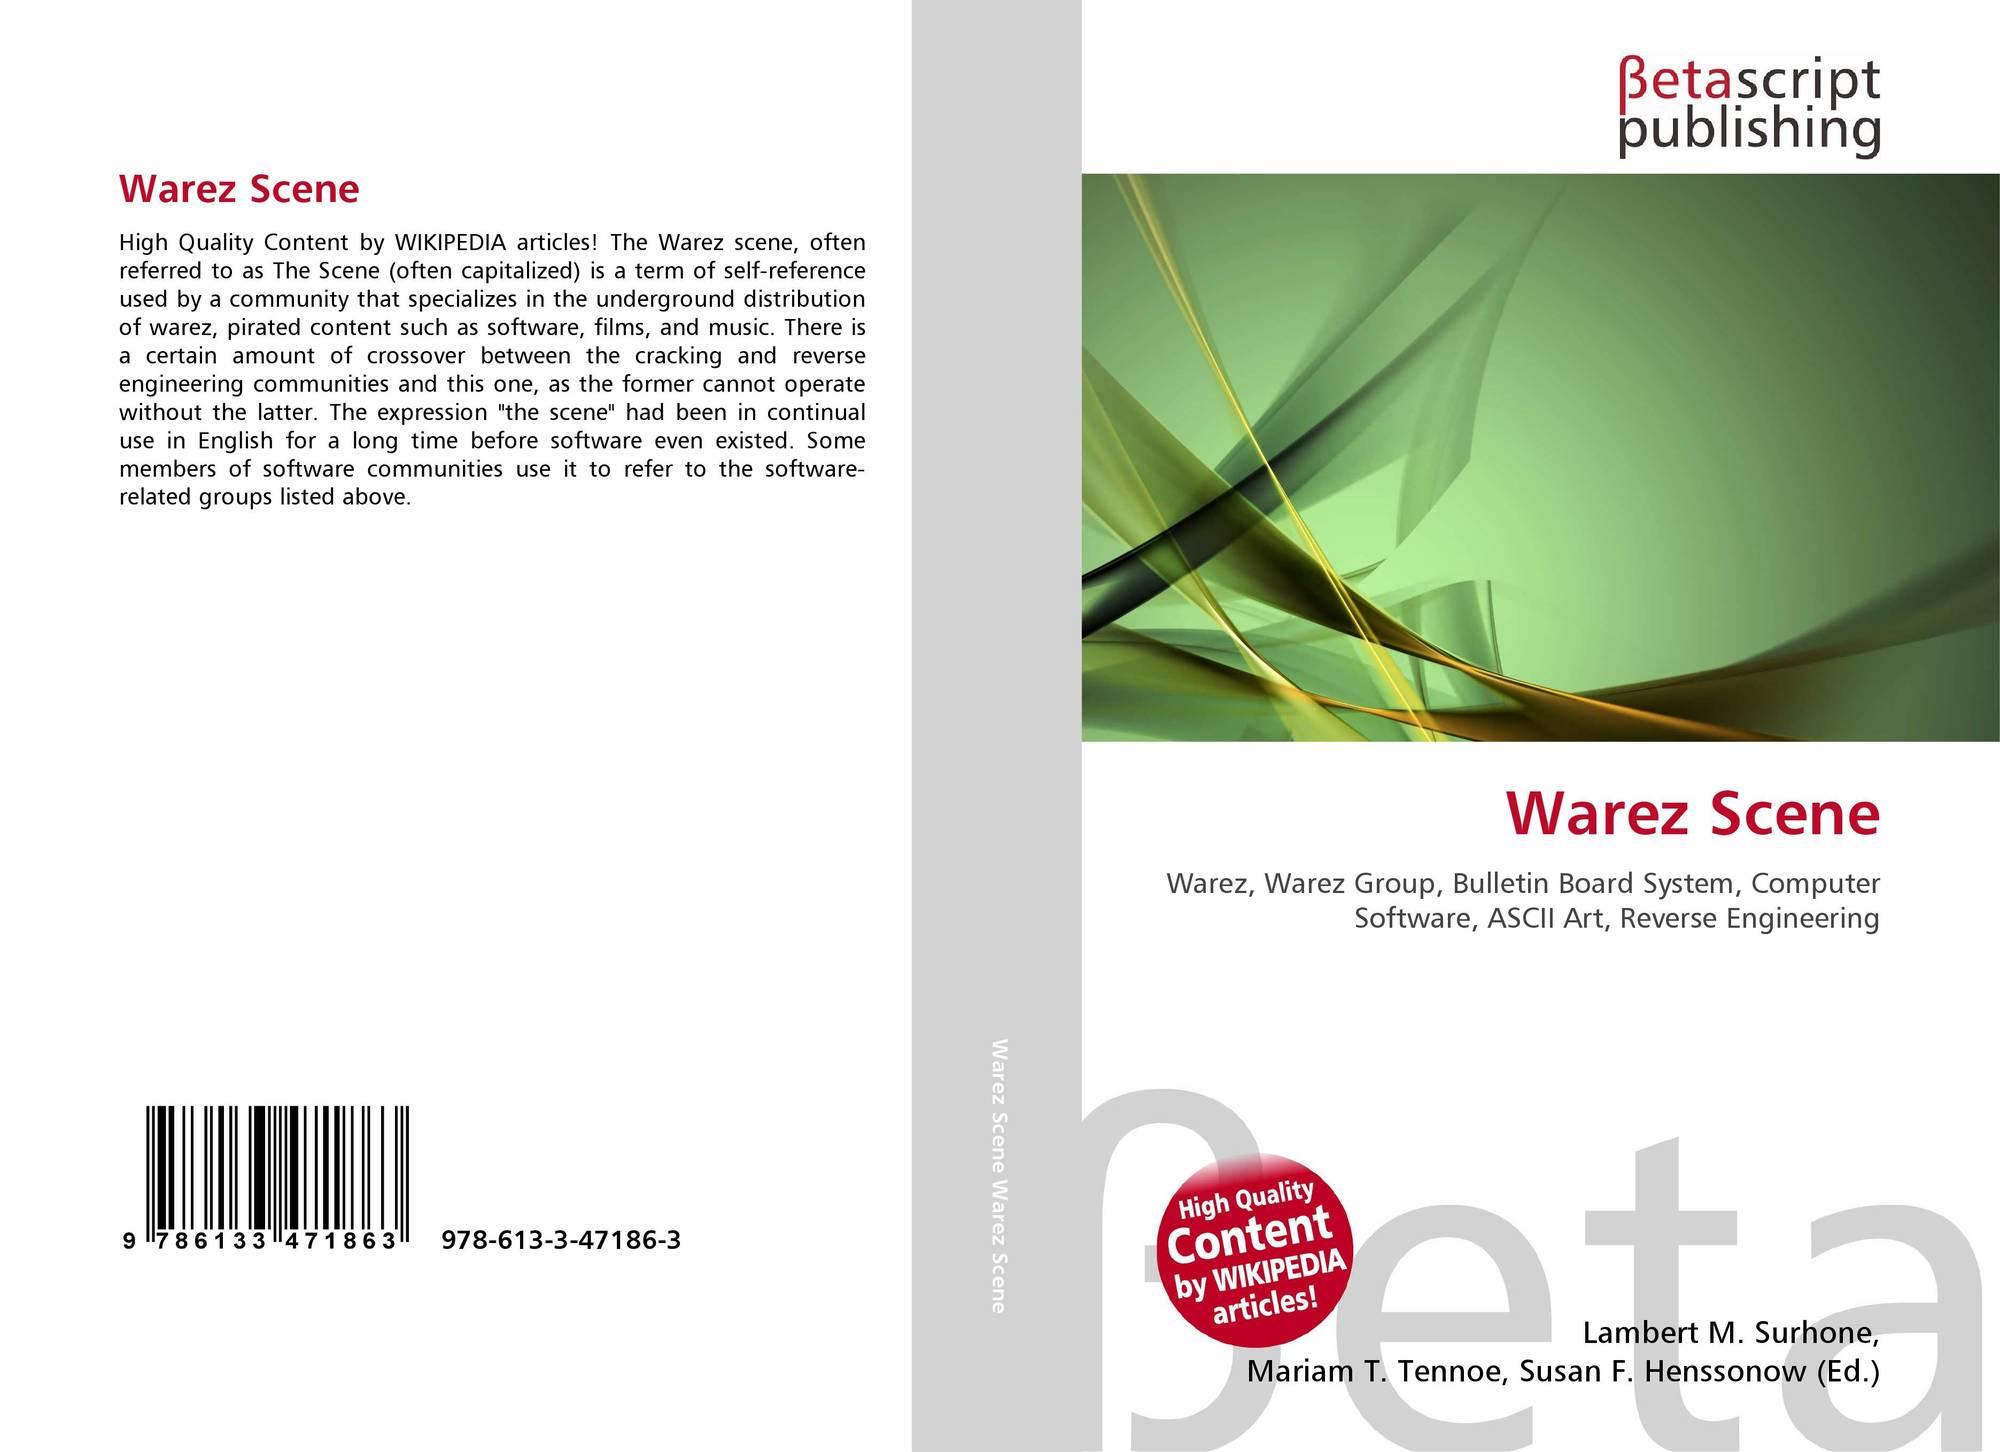 Warez Scene, 978-613-3-47186-3, 6133471867 ,9786133471863